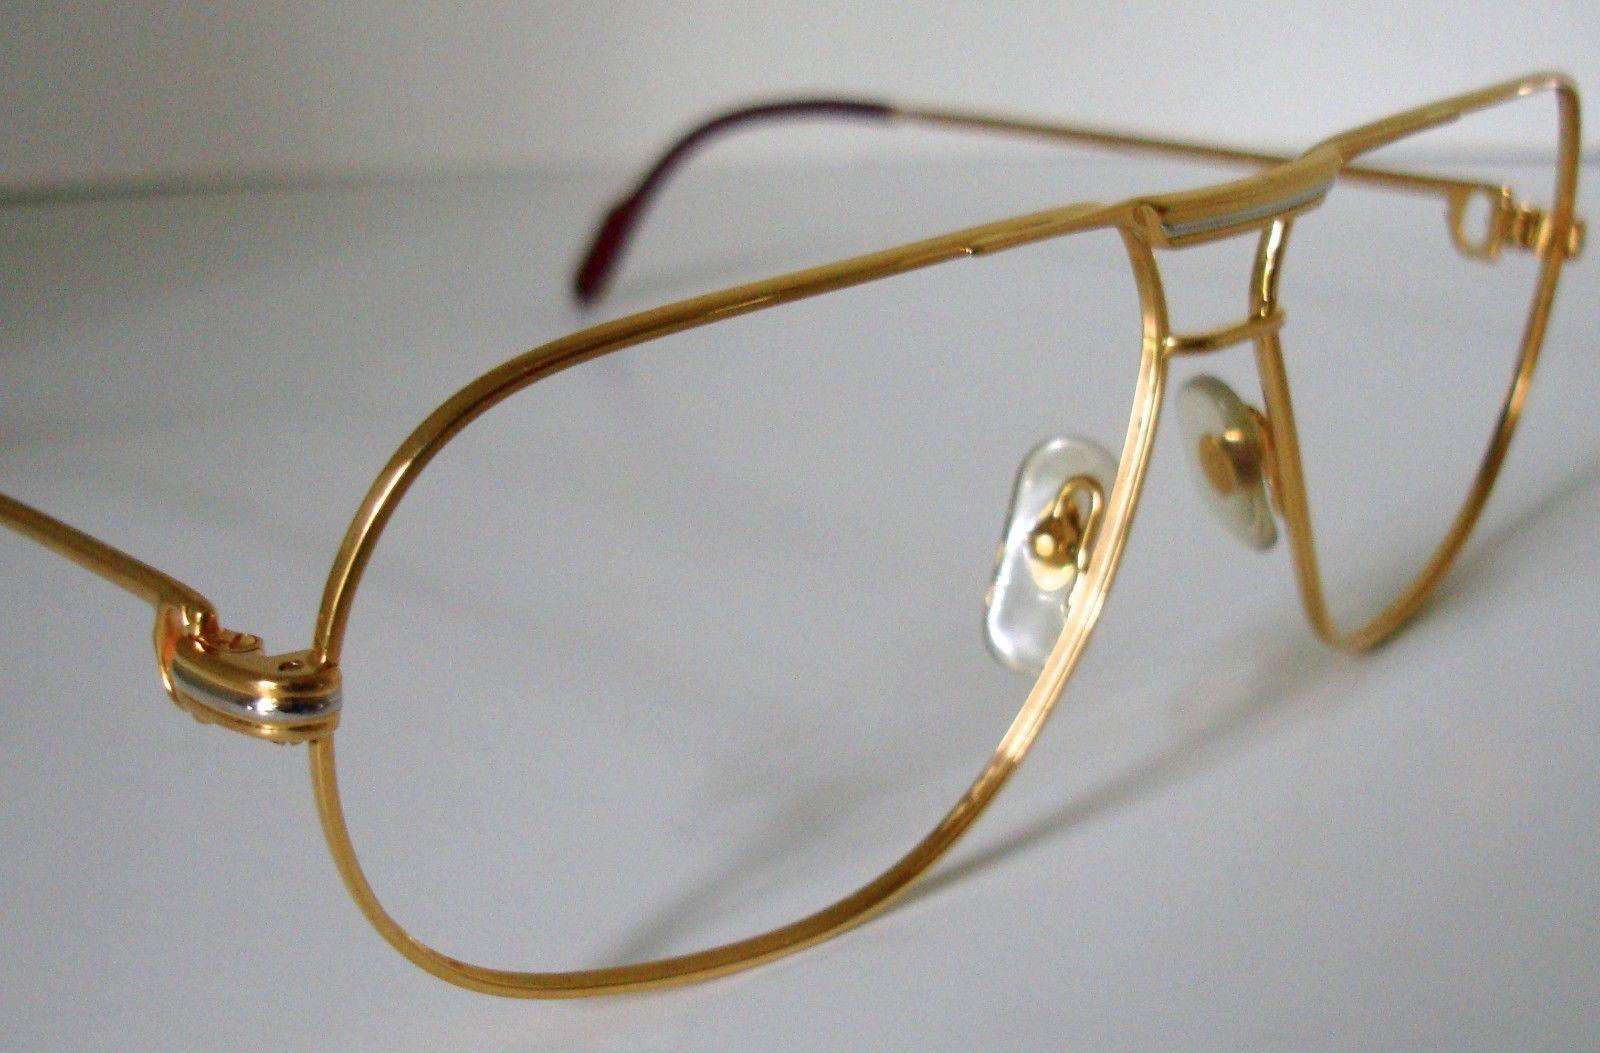 Vintage CARTIER Paris TANK Gold Men's Eyeglasses/Sunglasses Frame Made in France